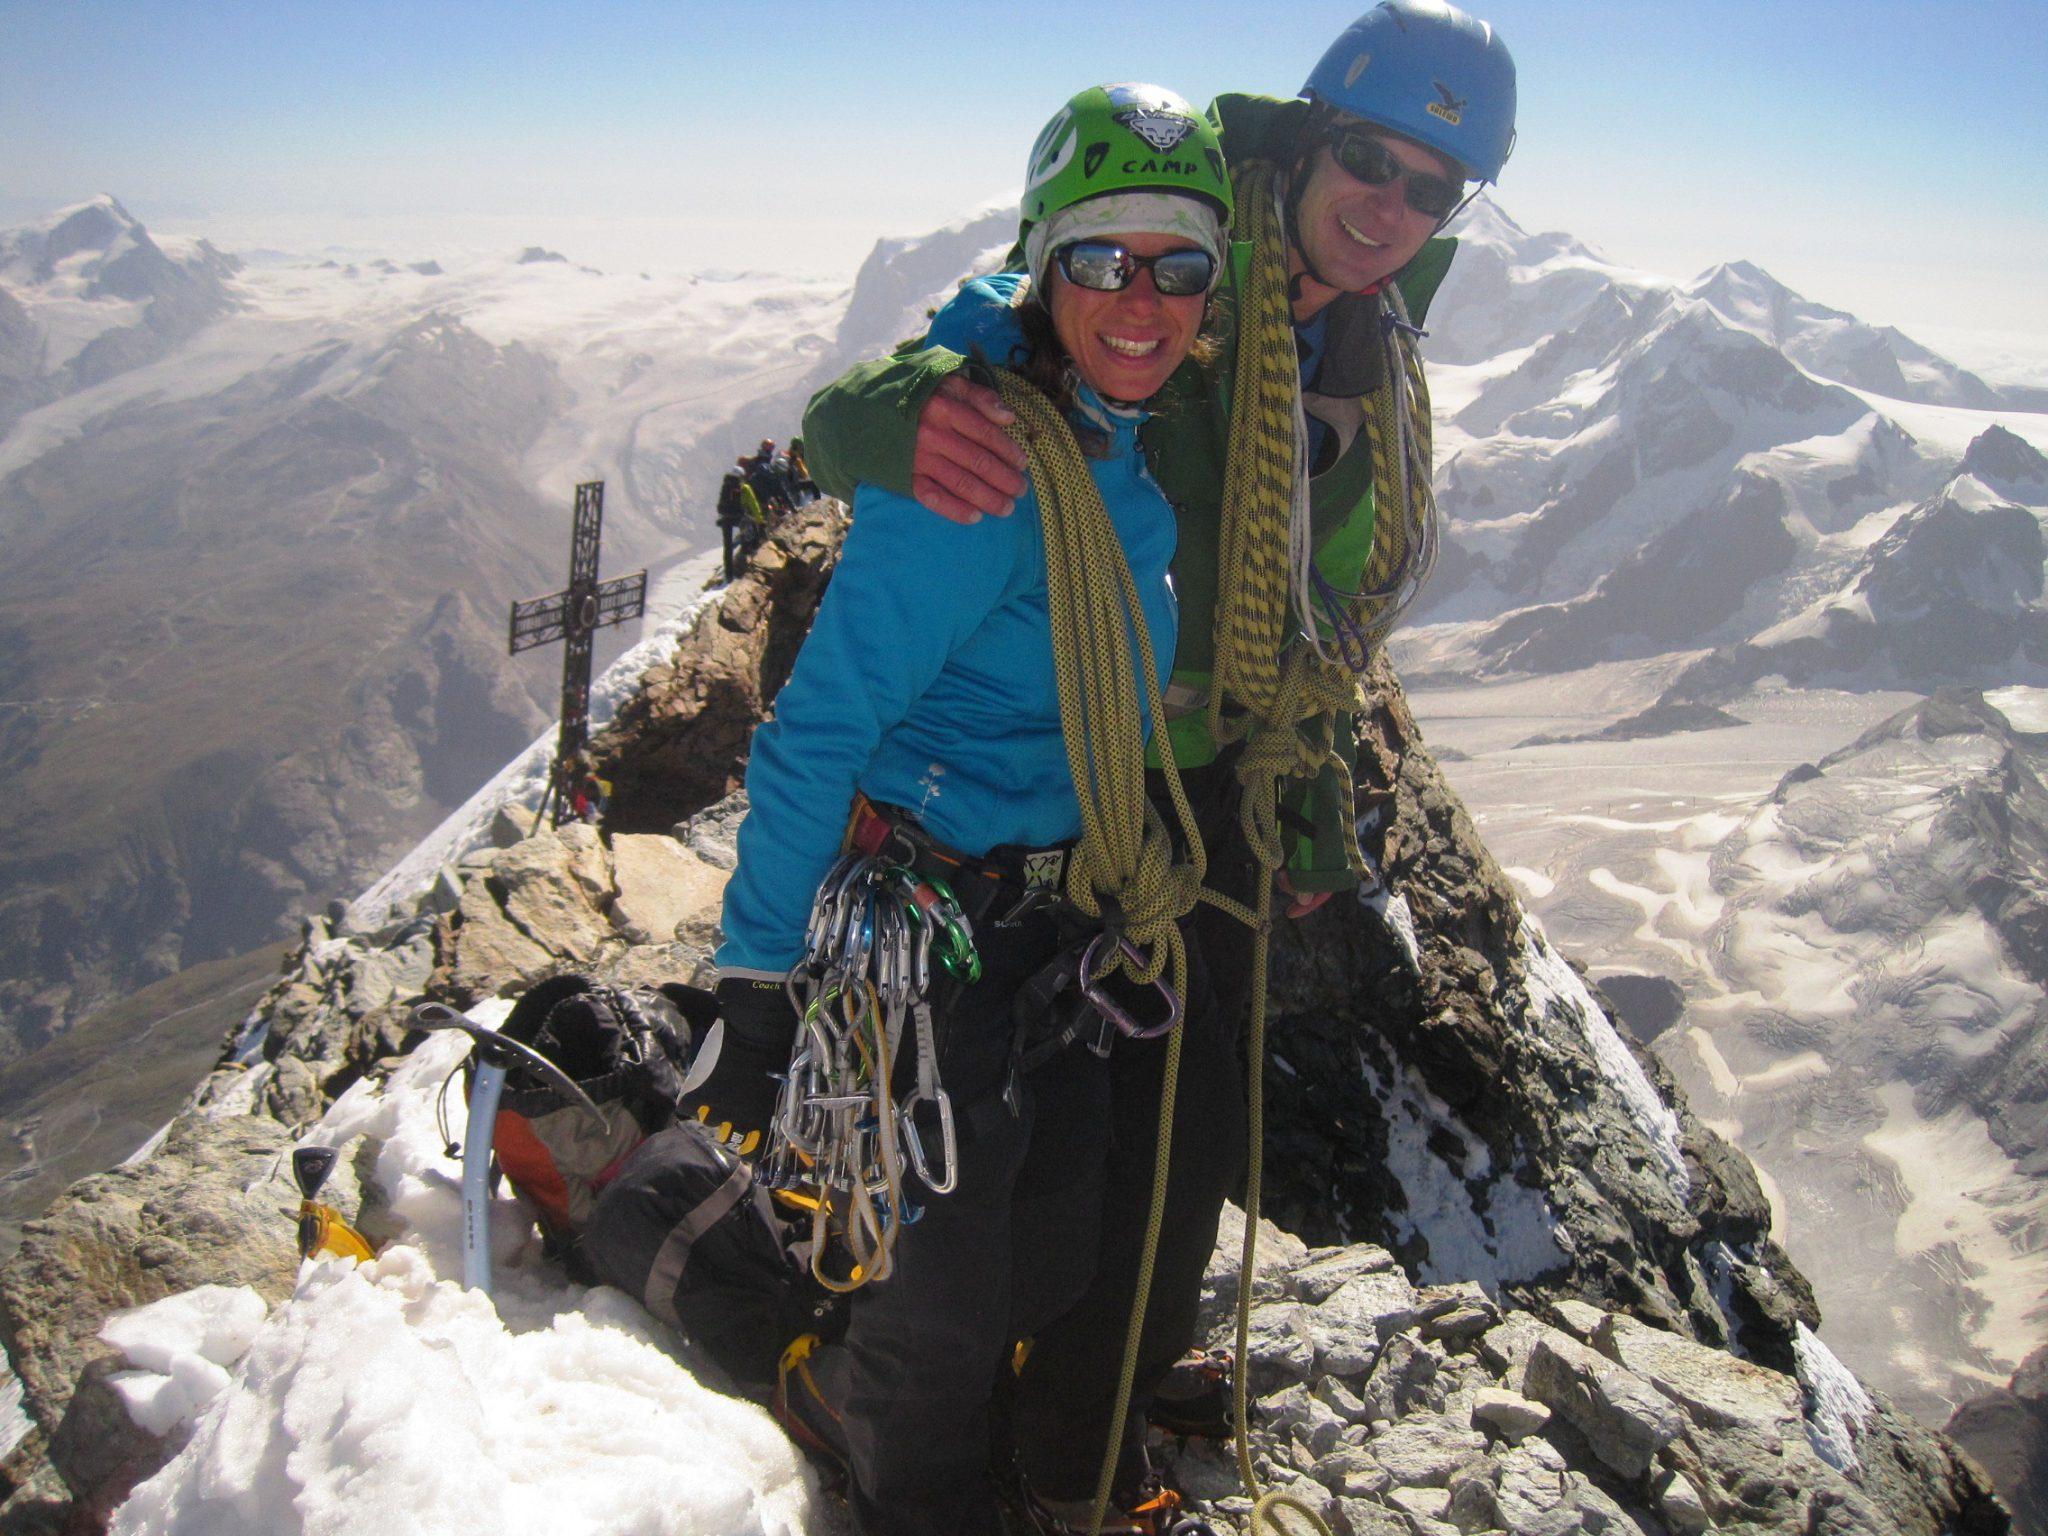 Matterhorn via Zmuttgrat Gipfel